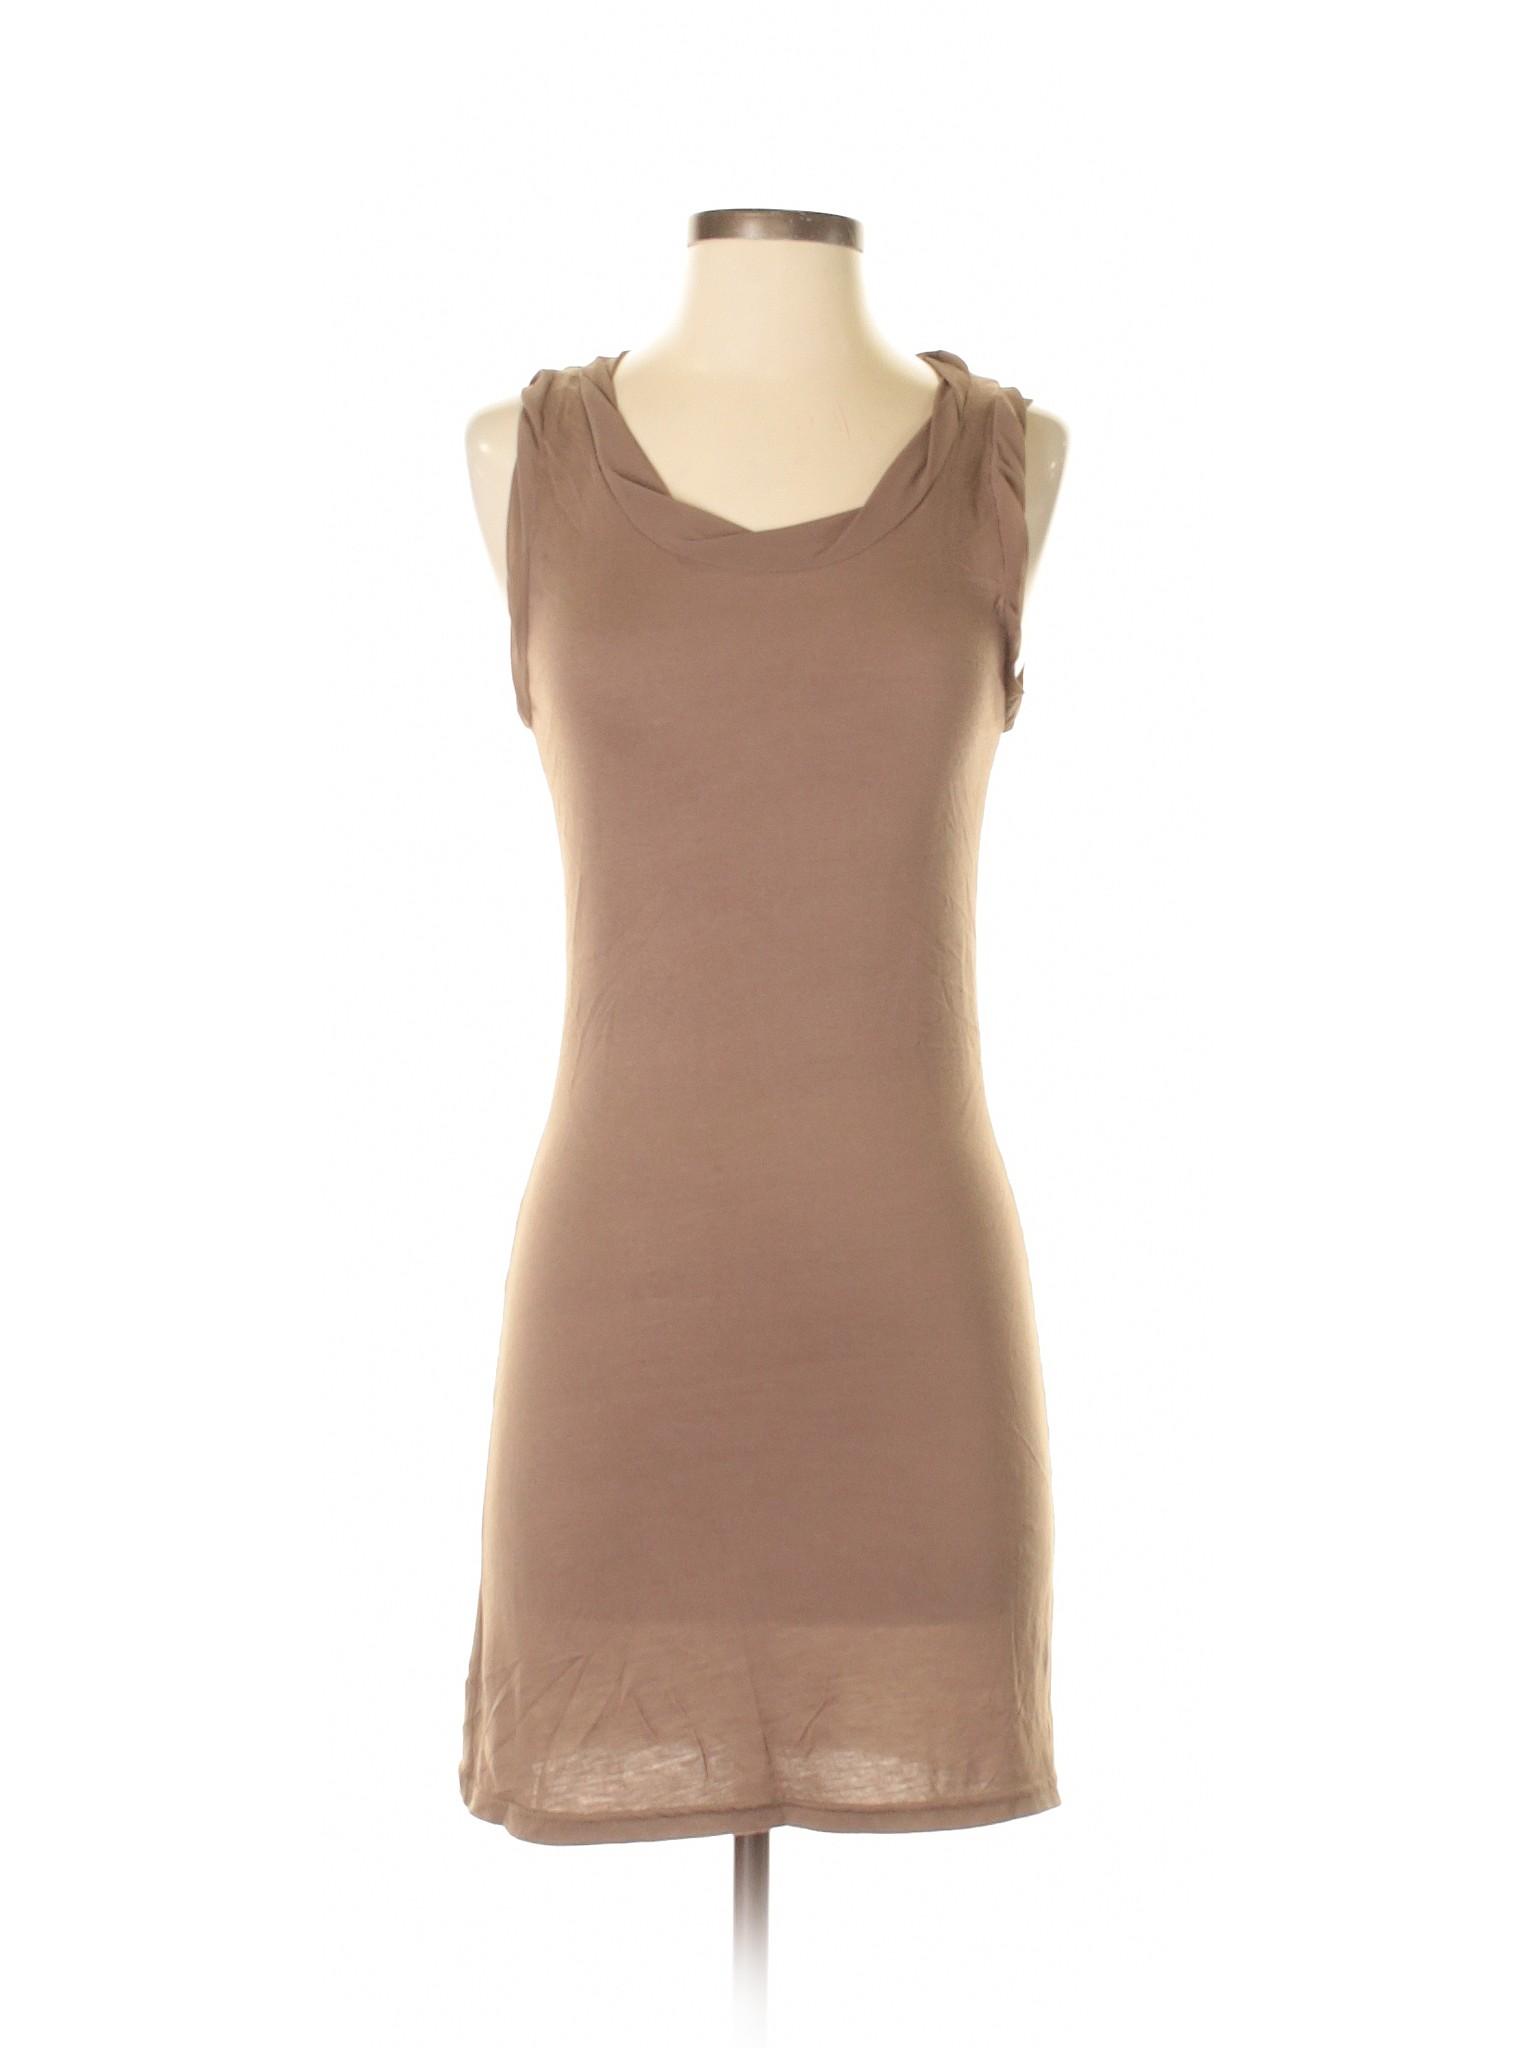 winter Dress winter MONORENO MONORENO Boutique Casual Boutique Boutique Dress Casual MONORENO winter q7x8FAxwS